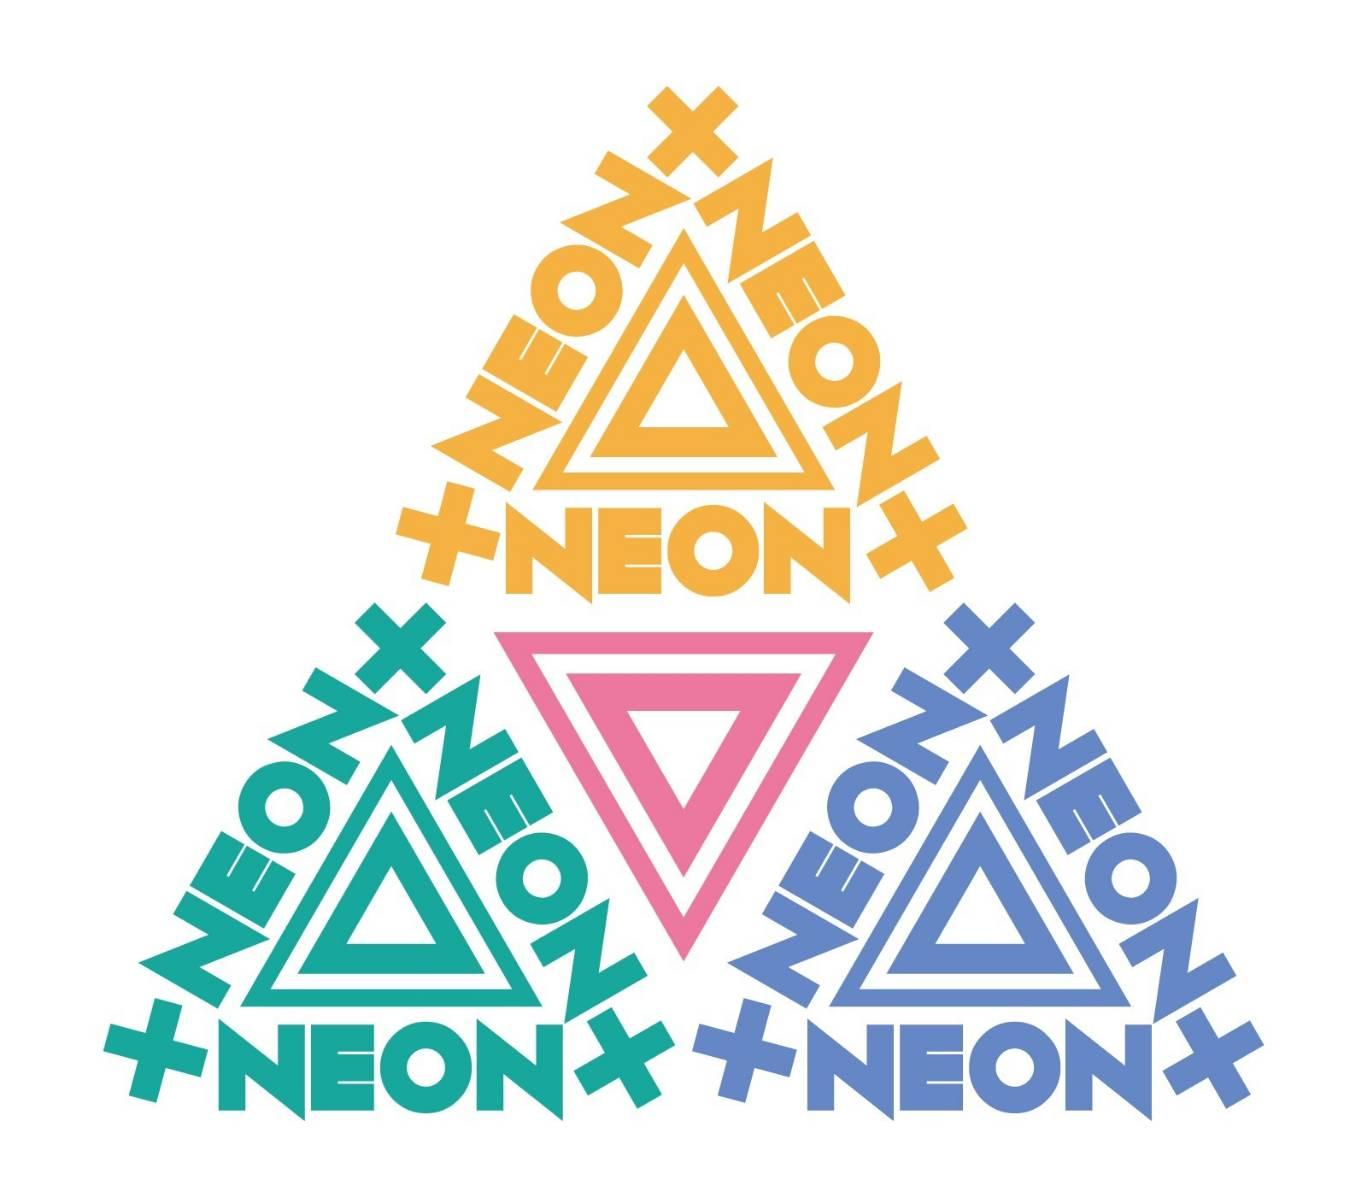 2019年5月23日(木)『NEON×NEON×NEON in NAGOYA』